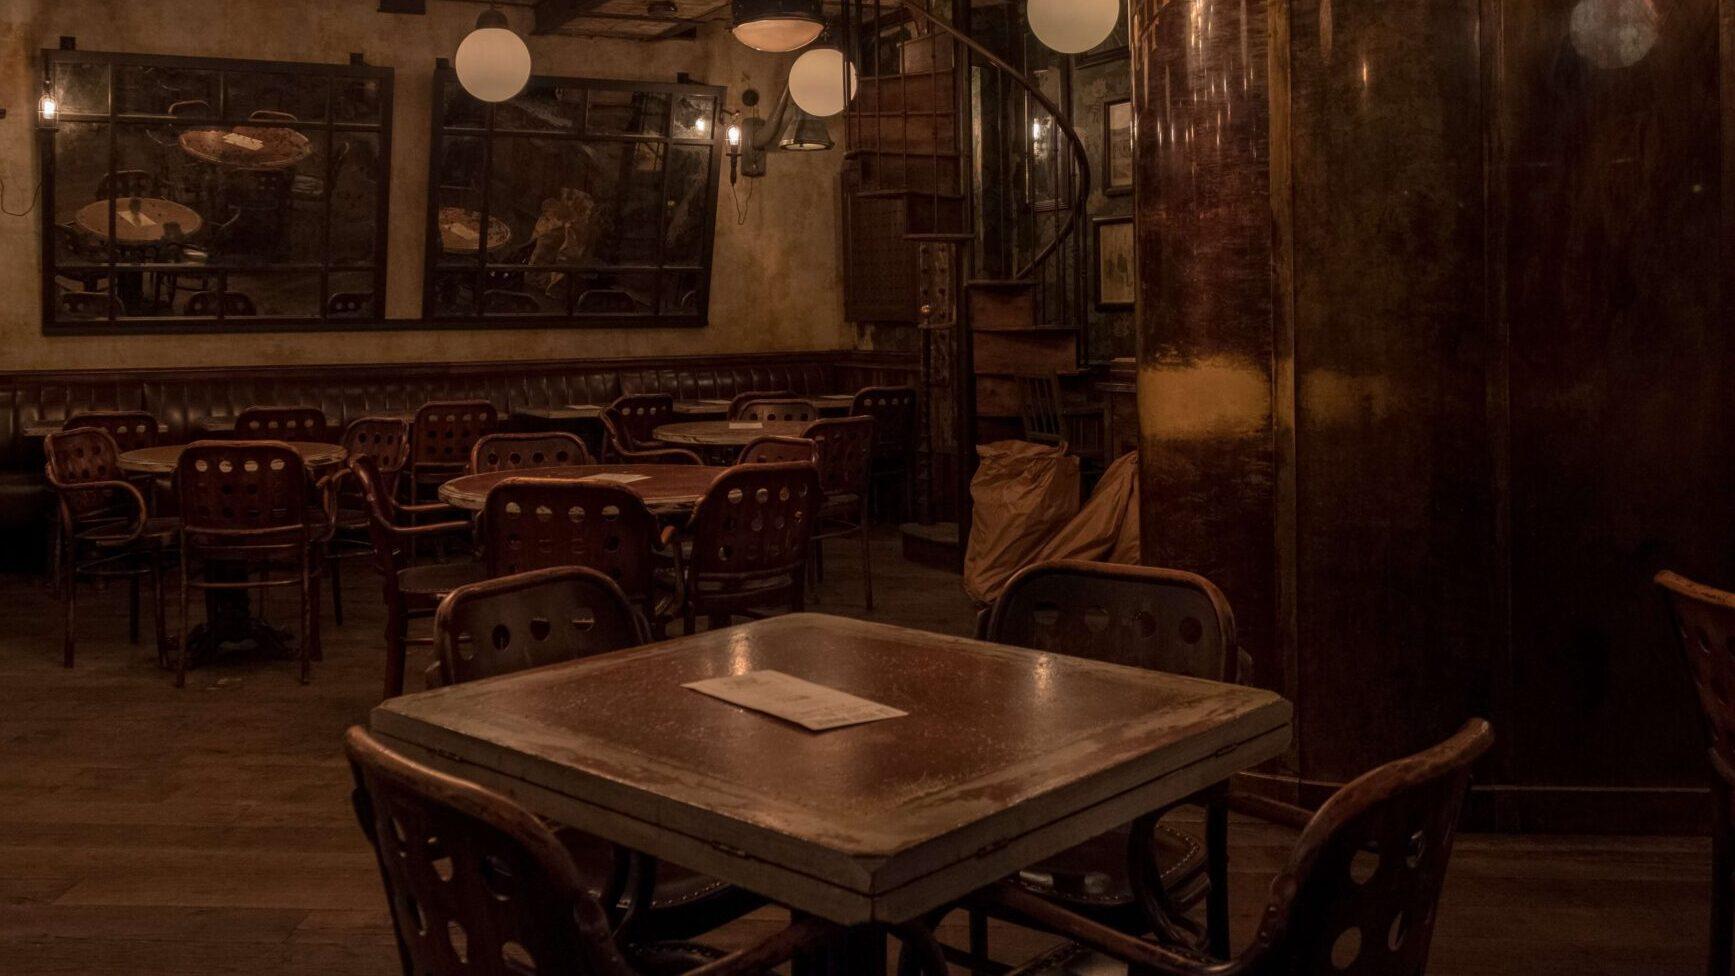 An old pub